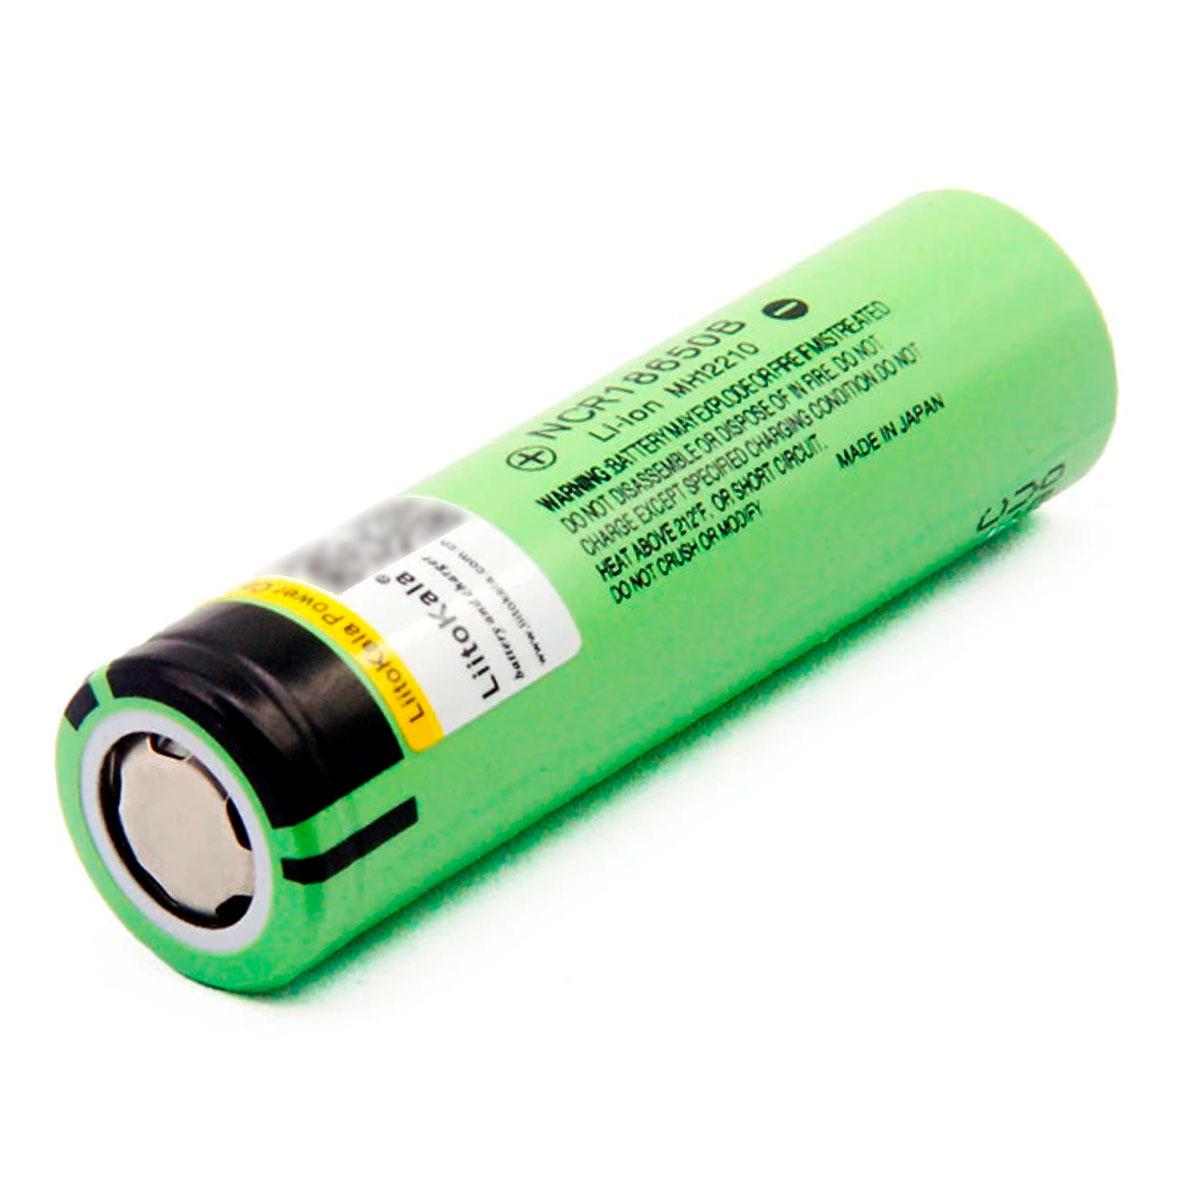 1x Bateria NCR 18650B Original 3,7v 3400mah Lítio Recarregável Lisa - Sem Pino no +